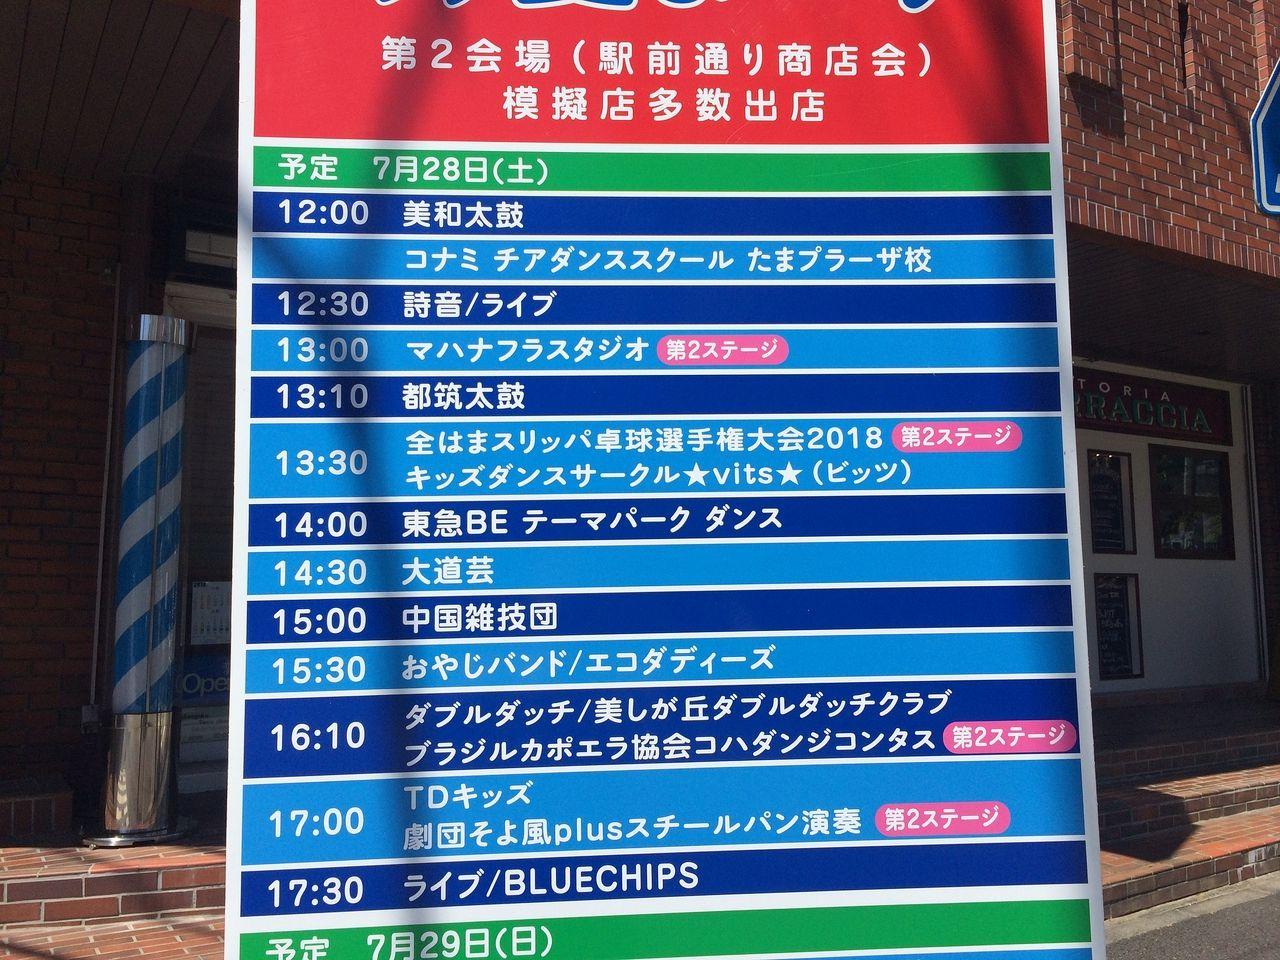 2018年7月28日のたまプラーザ夏まつり・駅前通り商店会のプログラム